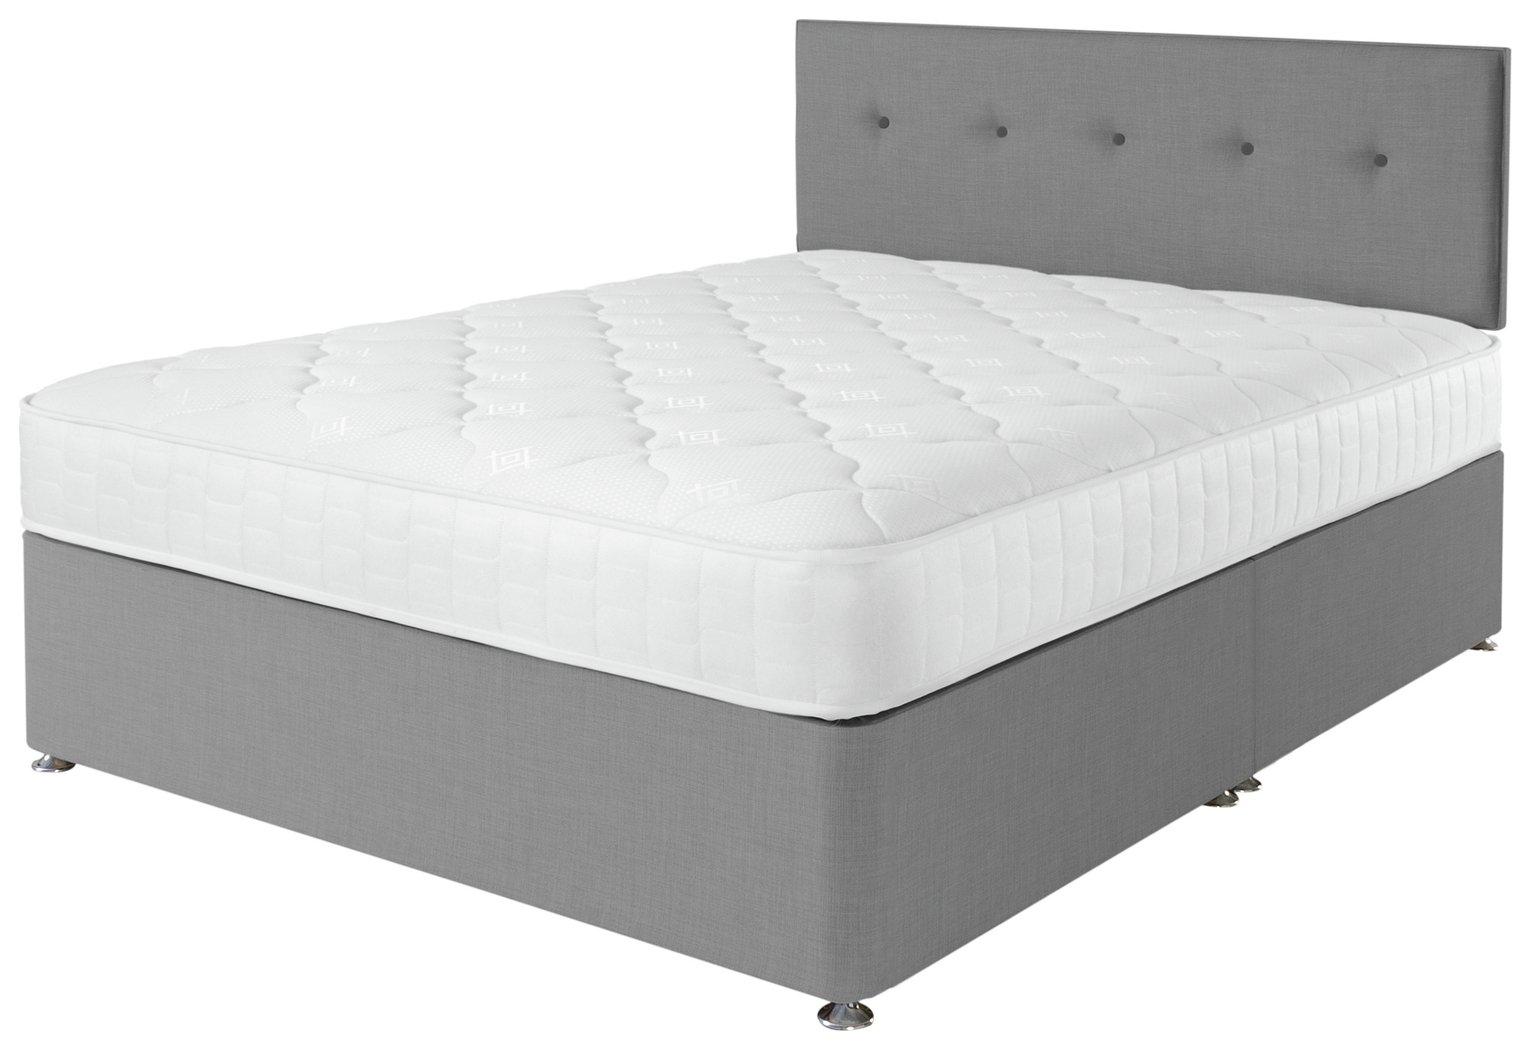 Airsprung Dalham Grey Memory Divan Bed - Kingsize